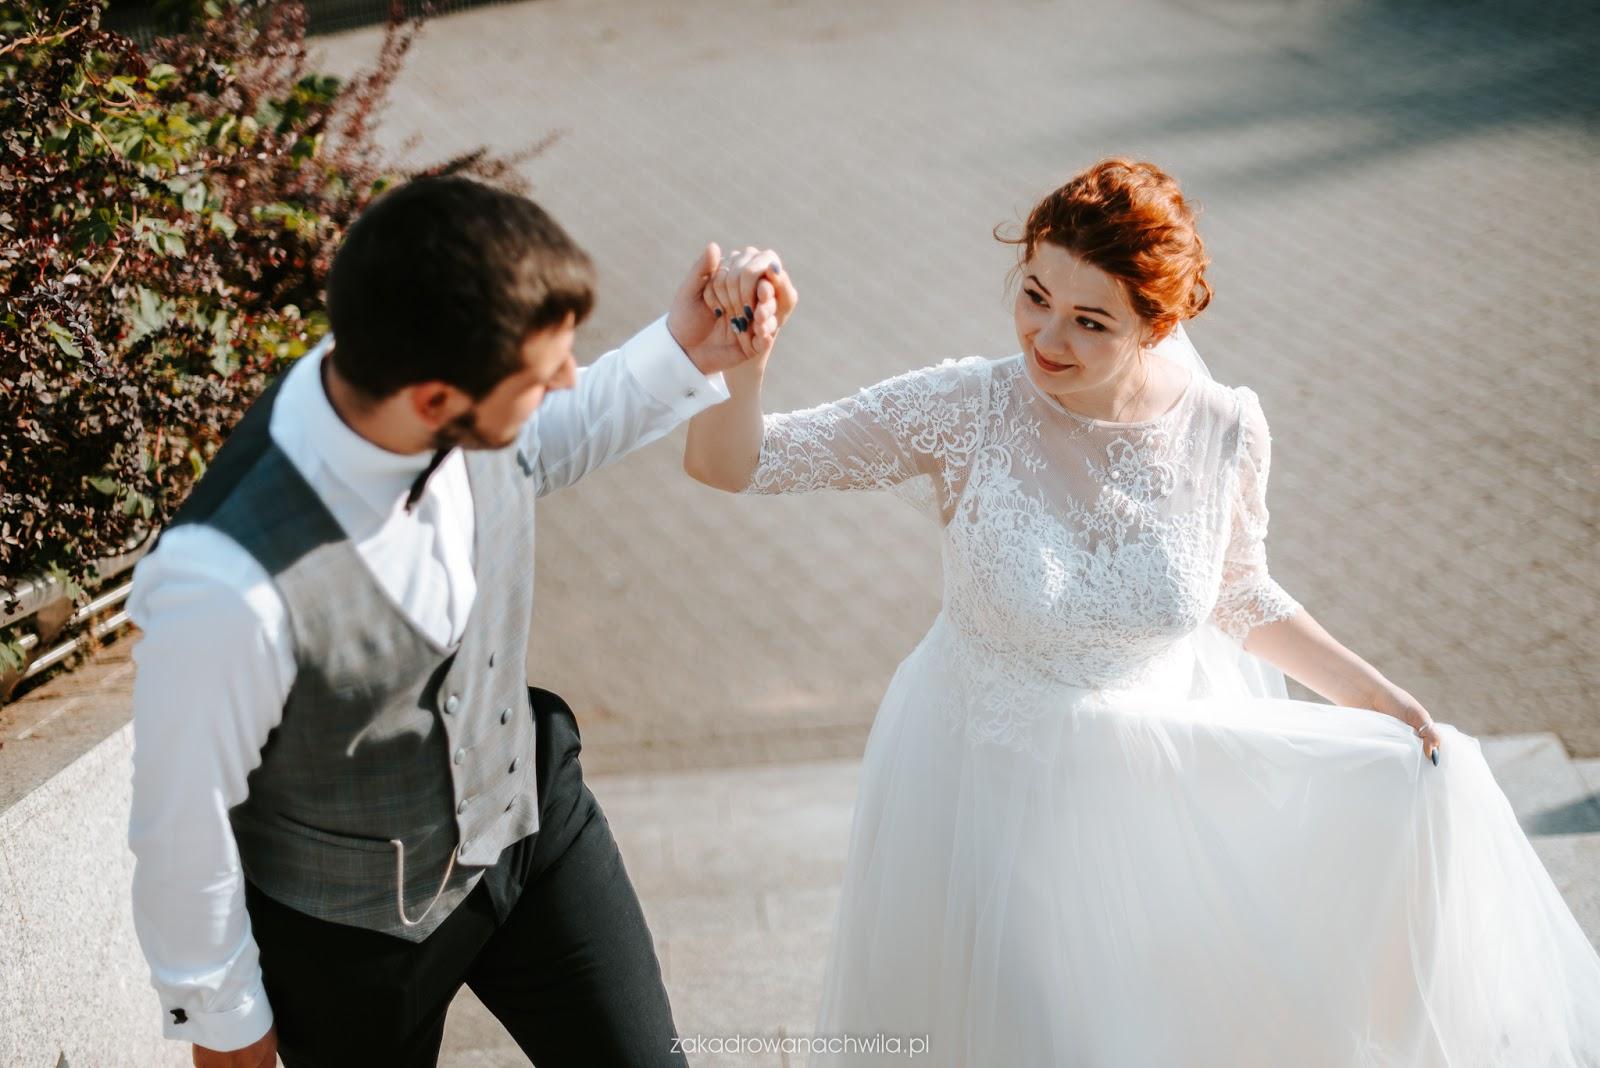 56380fd28c Dlatego dzisiaj jest dobry moment na trzecią i ostatnią odsłonę szaleństwa  jakim było uszycie sukni ślubnej dla Ali.